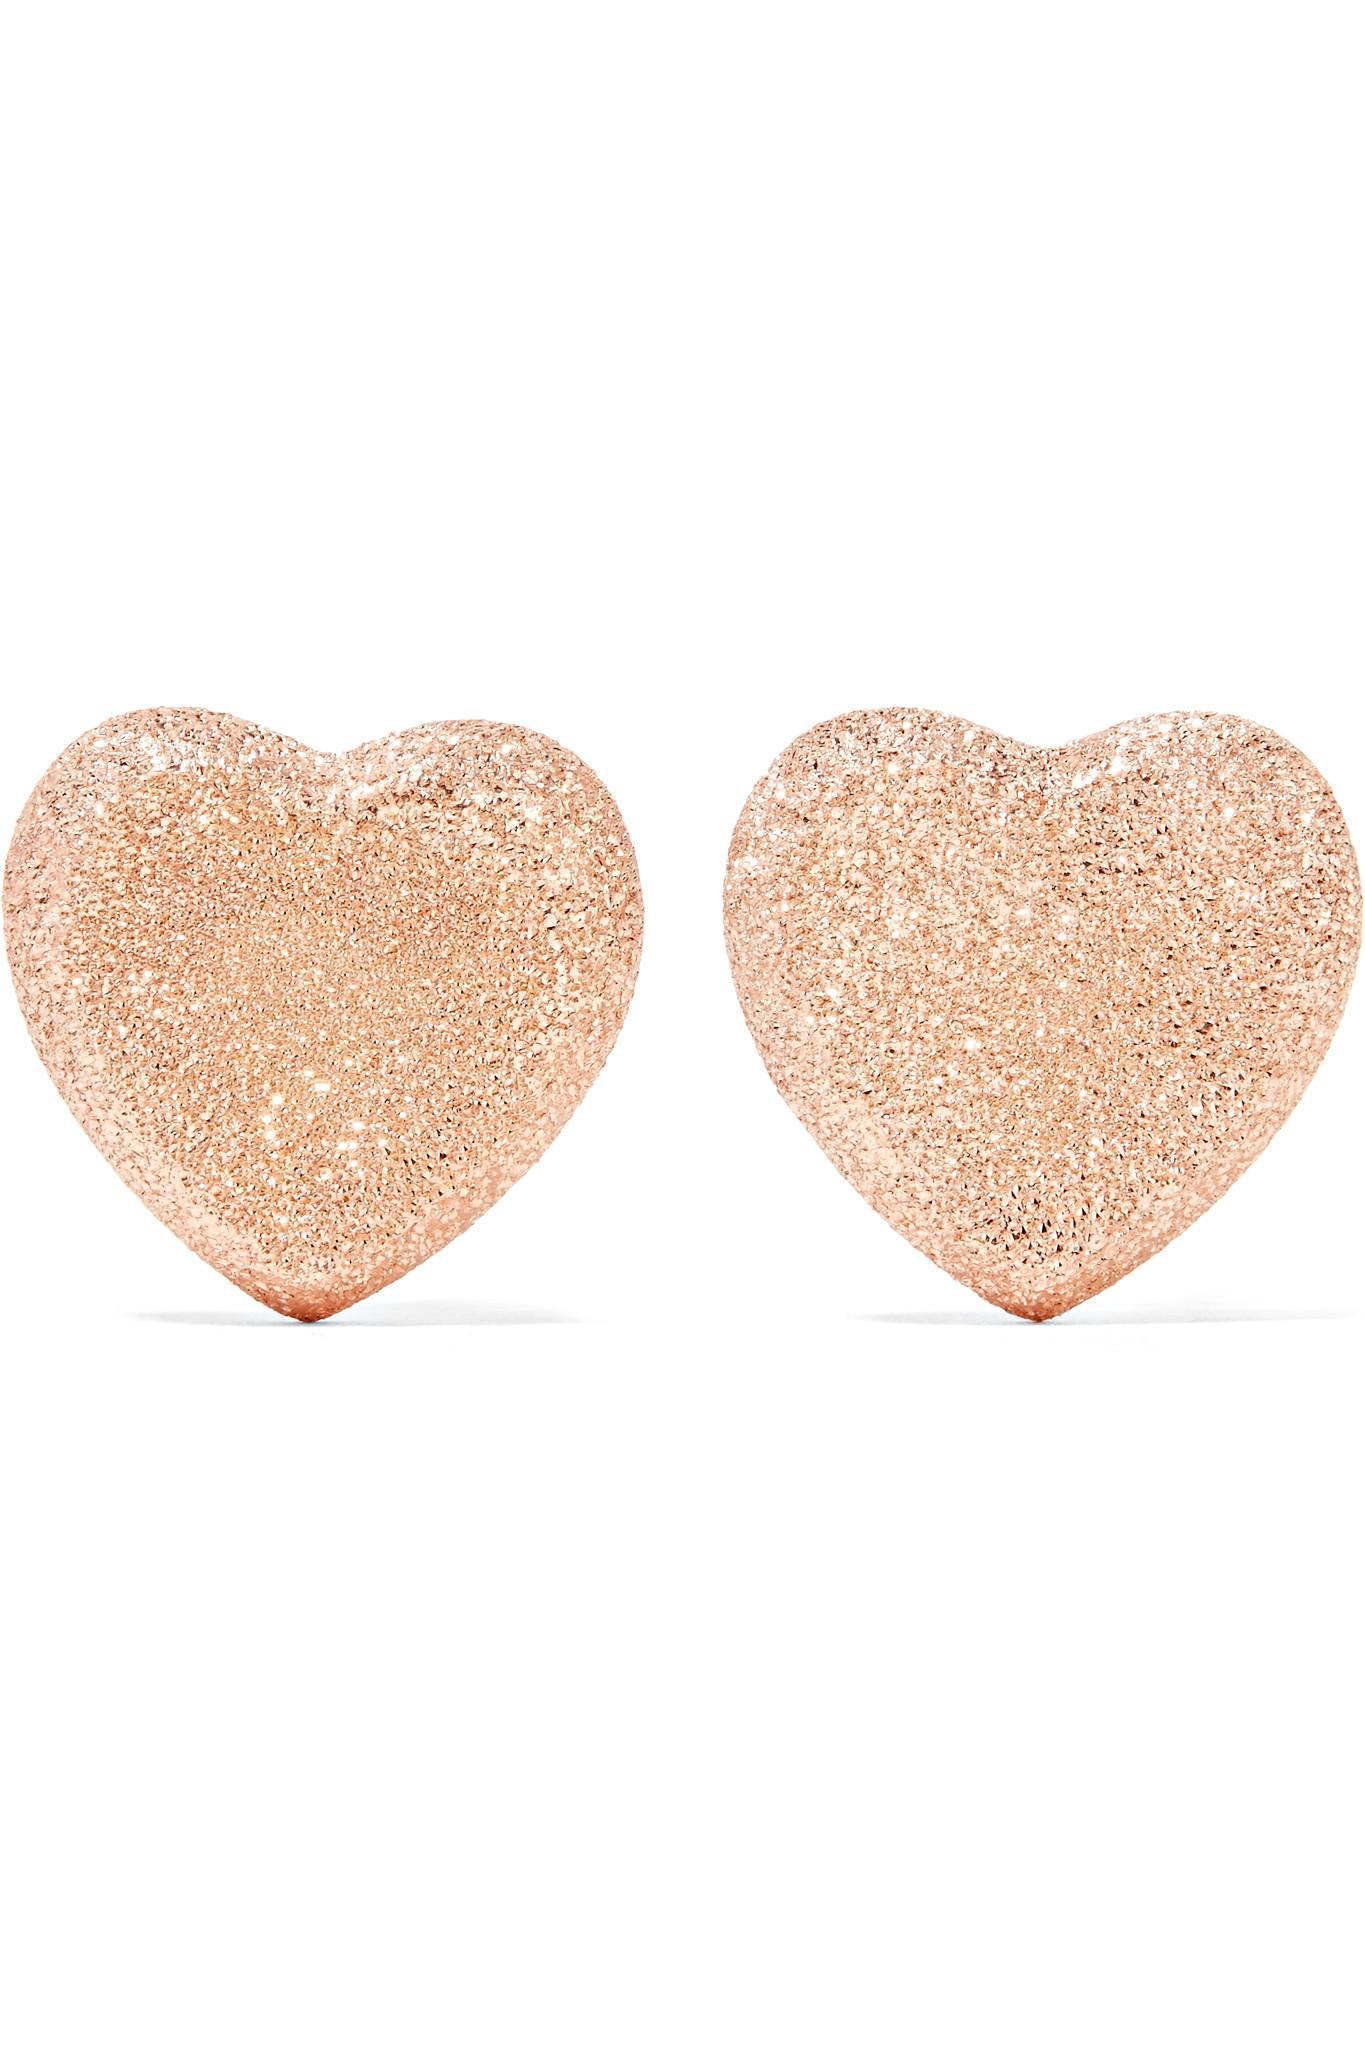 Coeur 18 Carats Rose Boucles D'or - Taille Caroline Bucci 9Dn4Qr